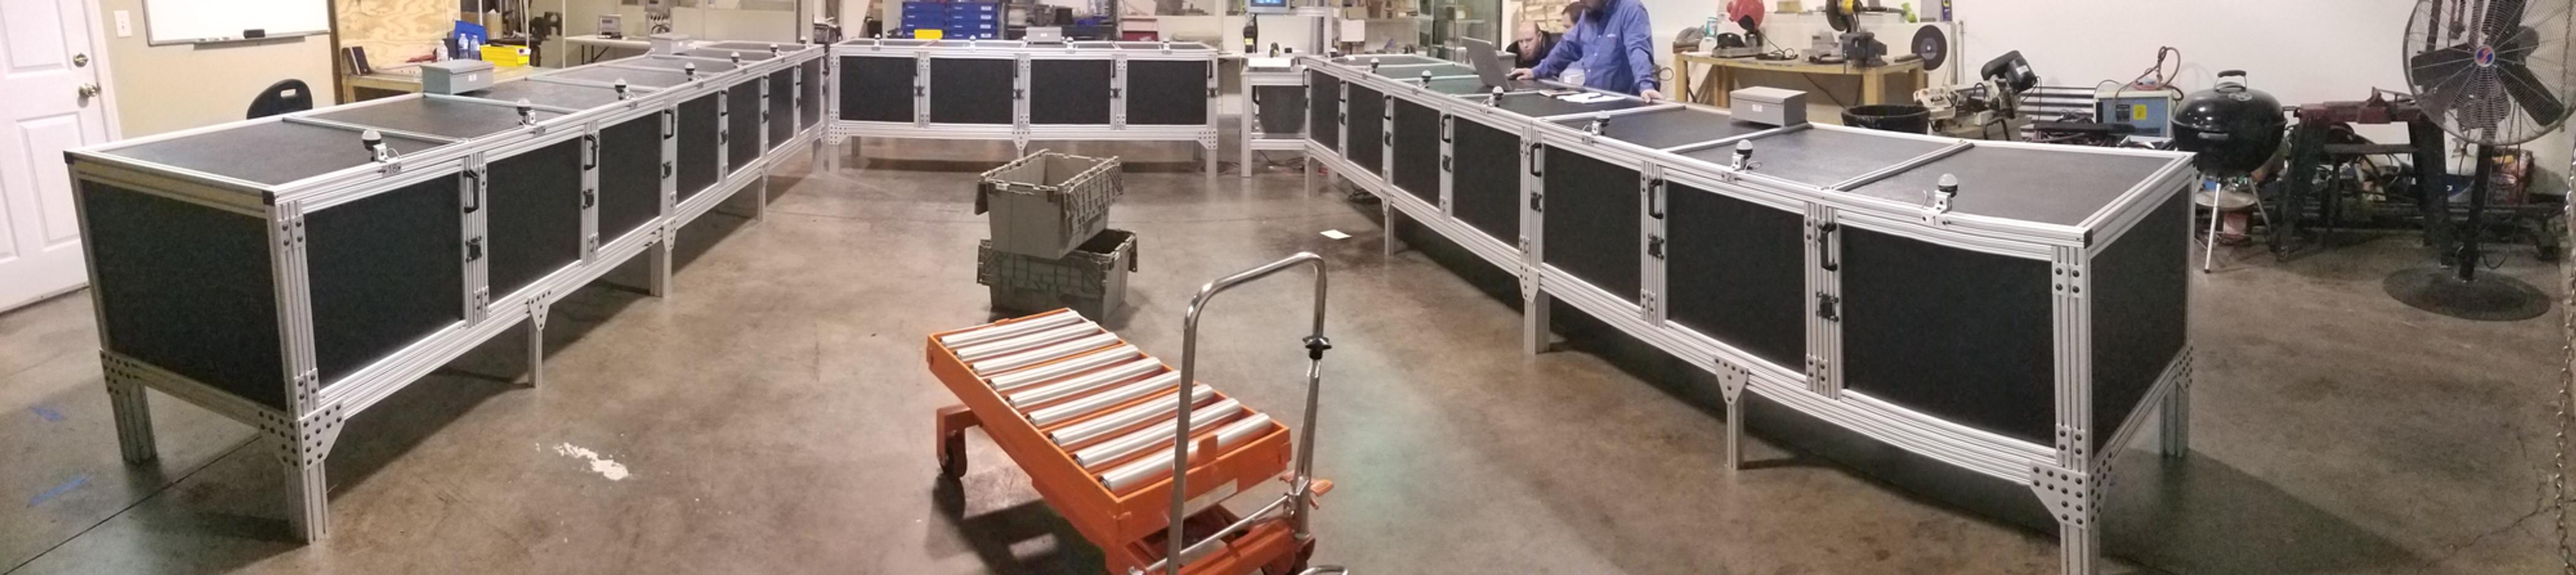 elliTek's Machine Building Services